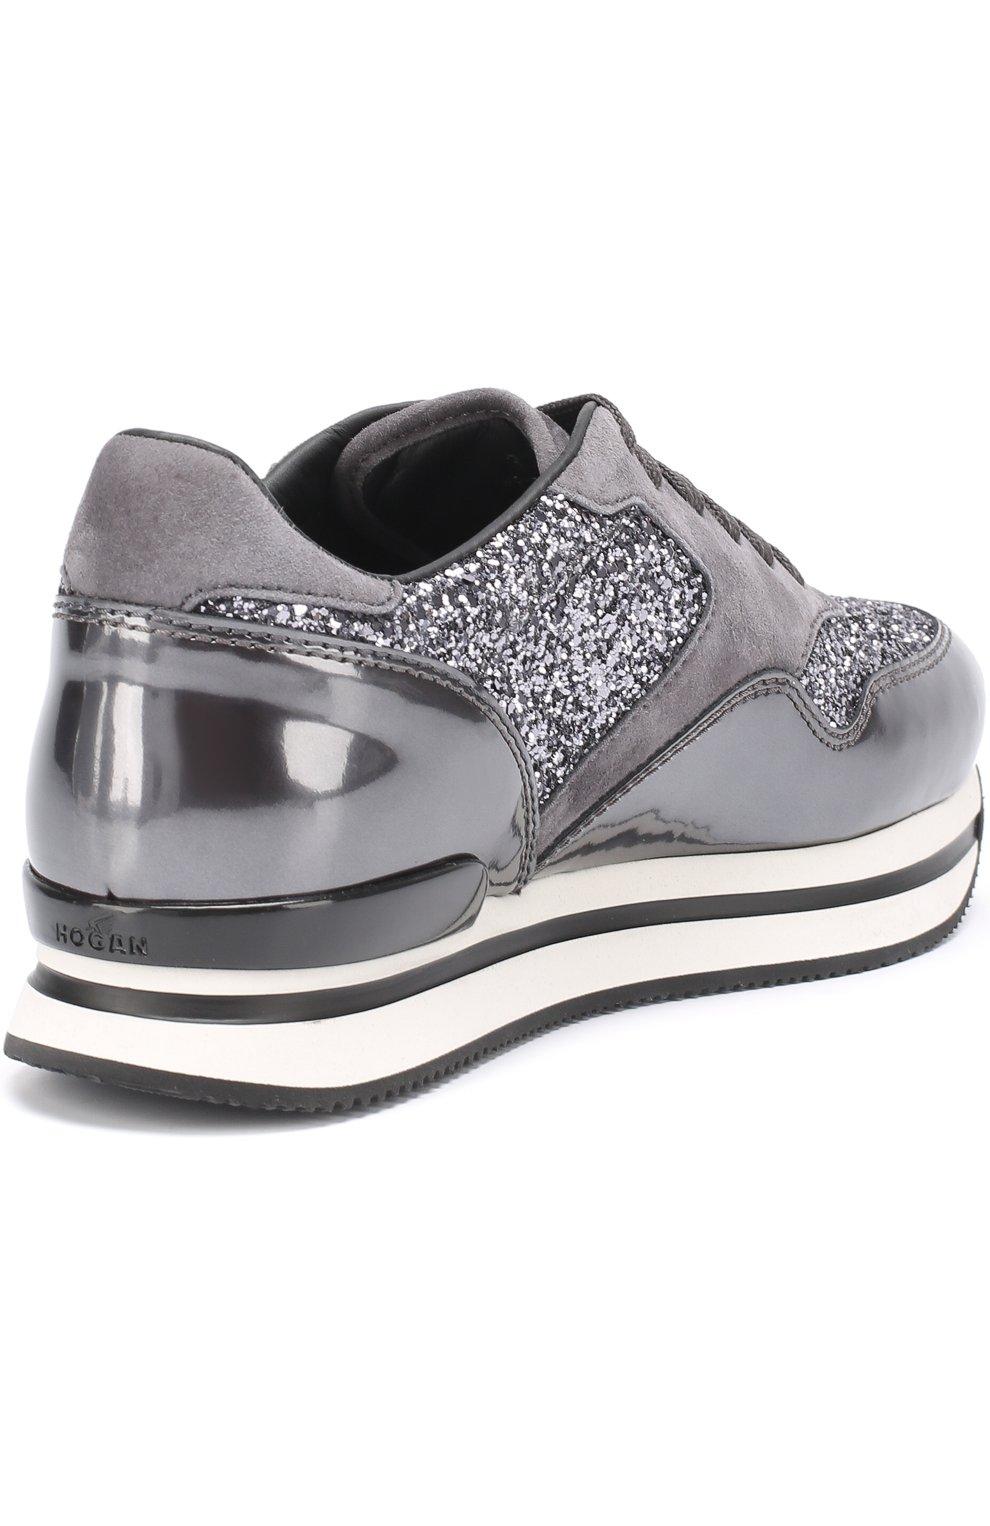 Комбинированные кроссовки с глиттером Hogan серые | Фото №4